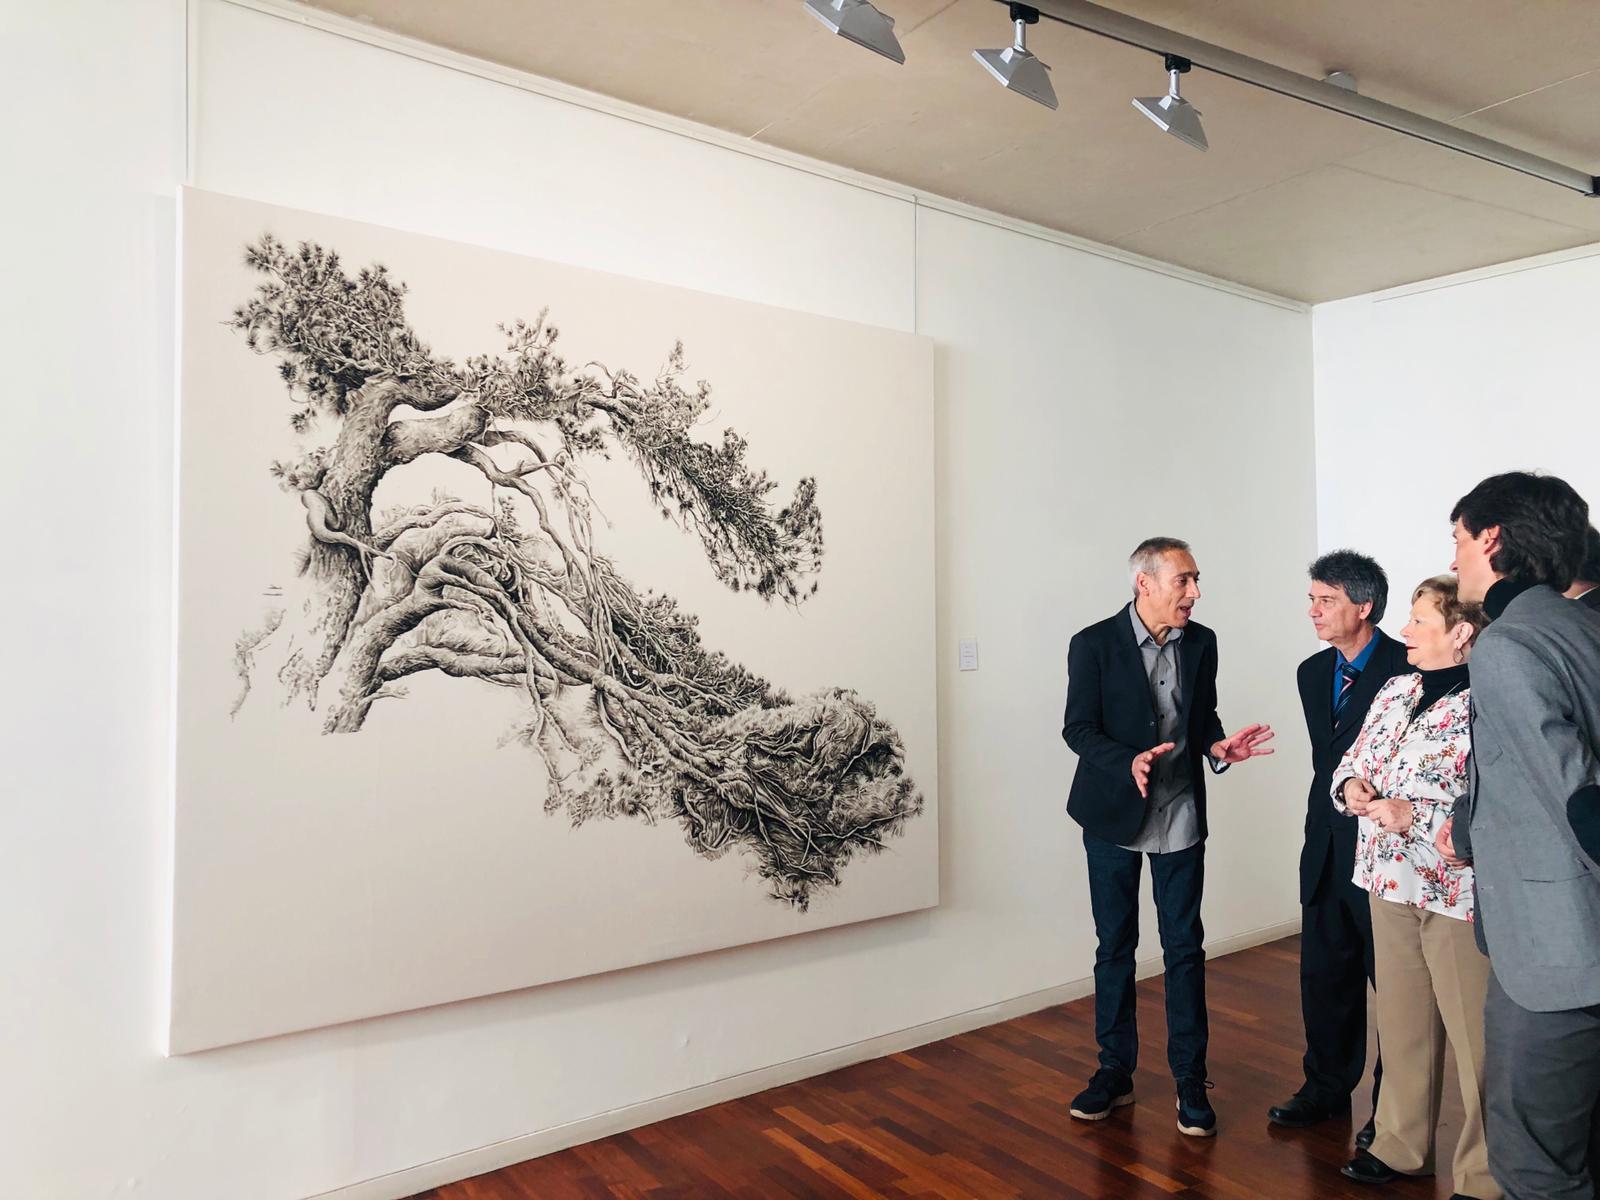 El programa de aniversario de la Escuela de Educación y Turismo de Ávila arranca con la exposición 'Coral' de Jesús Alonso